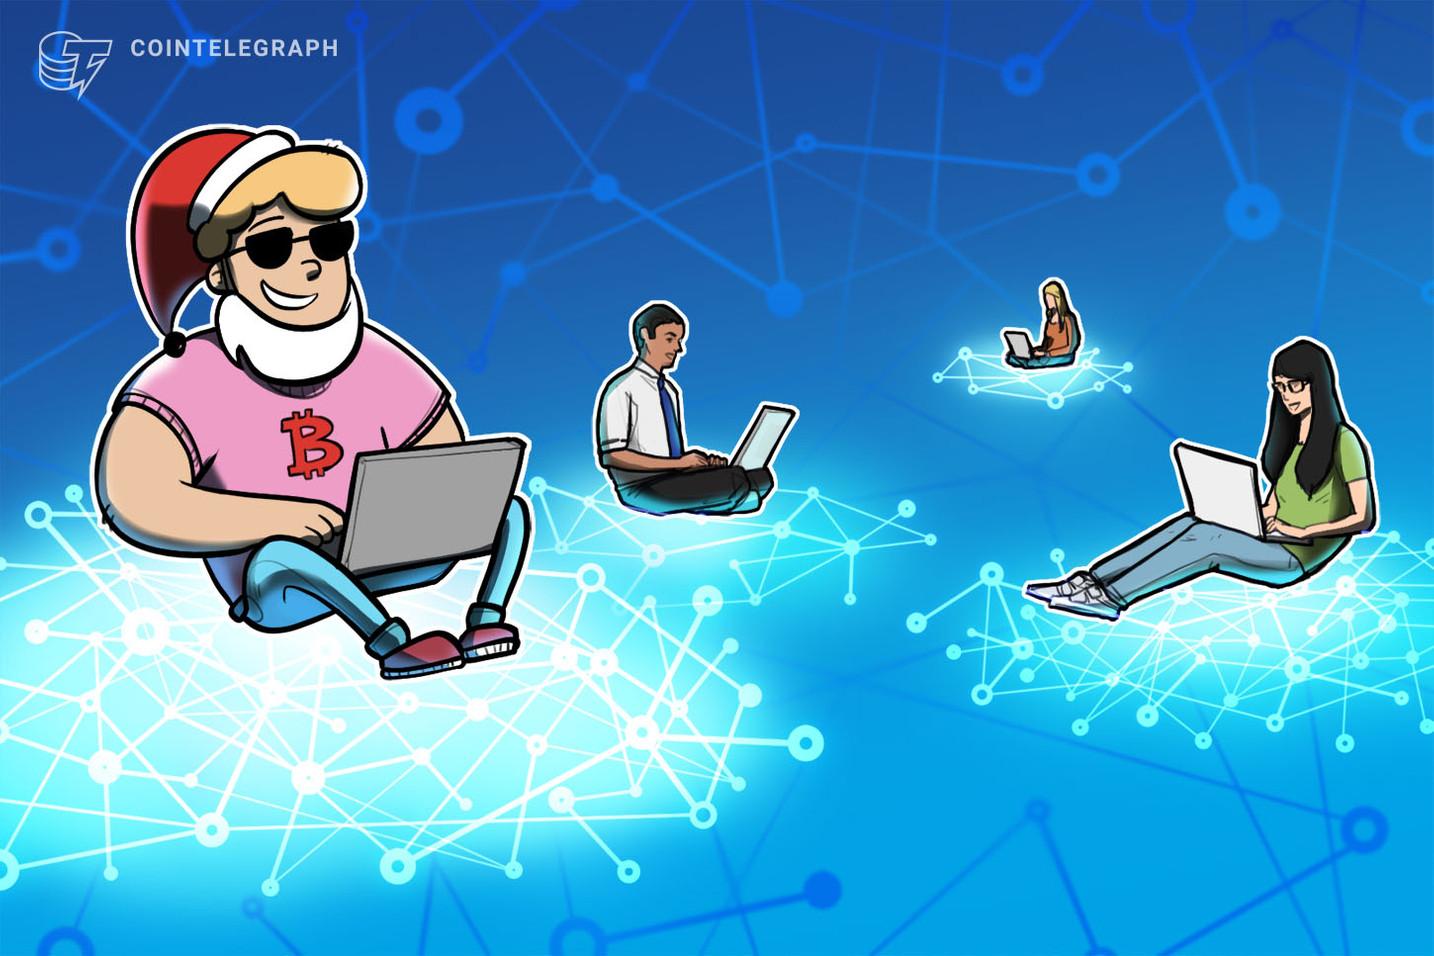 Un proveedor de software cripto lanza un terminal de trading manual